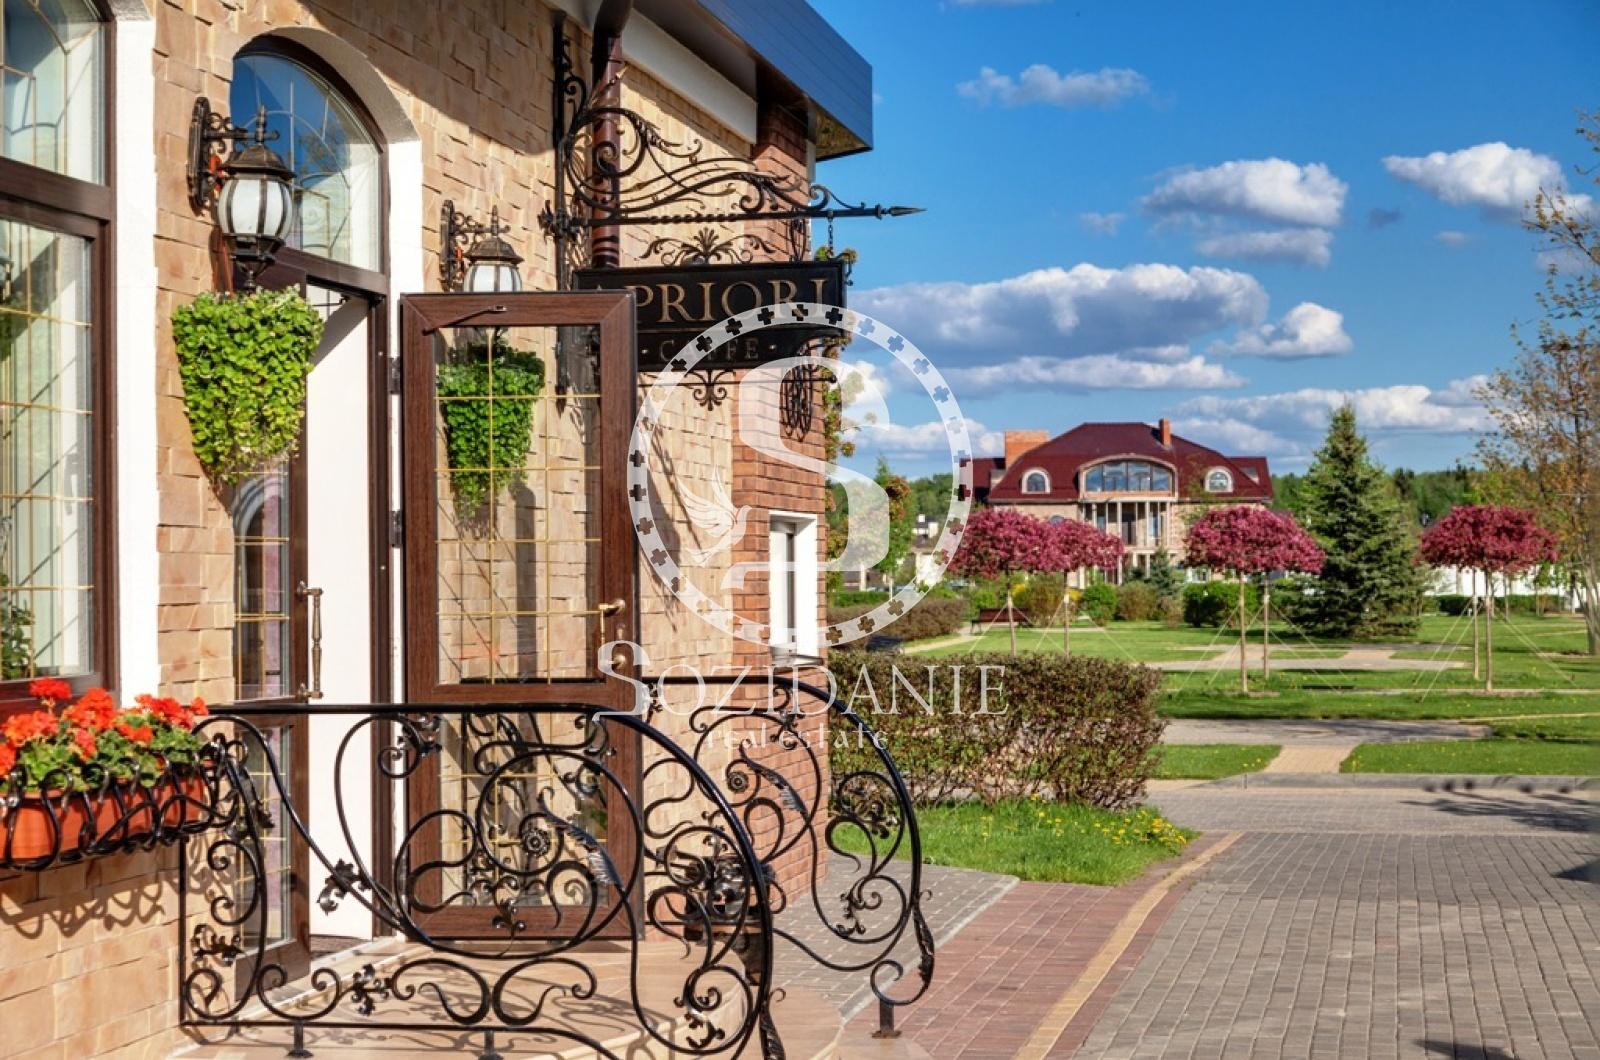 3 Bedrooms, Загородная, Продажа, Listing ID 1405, Московская область, Россия,